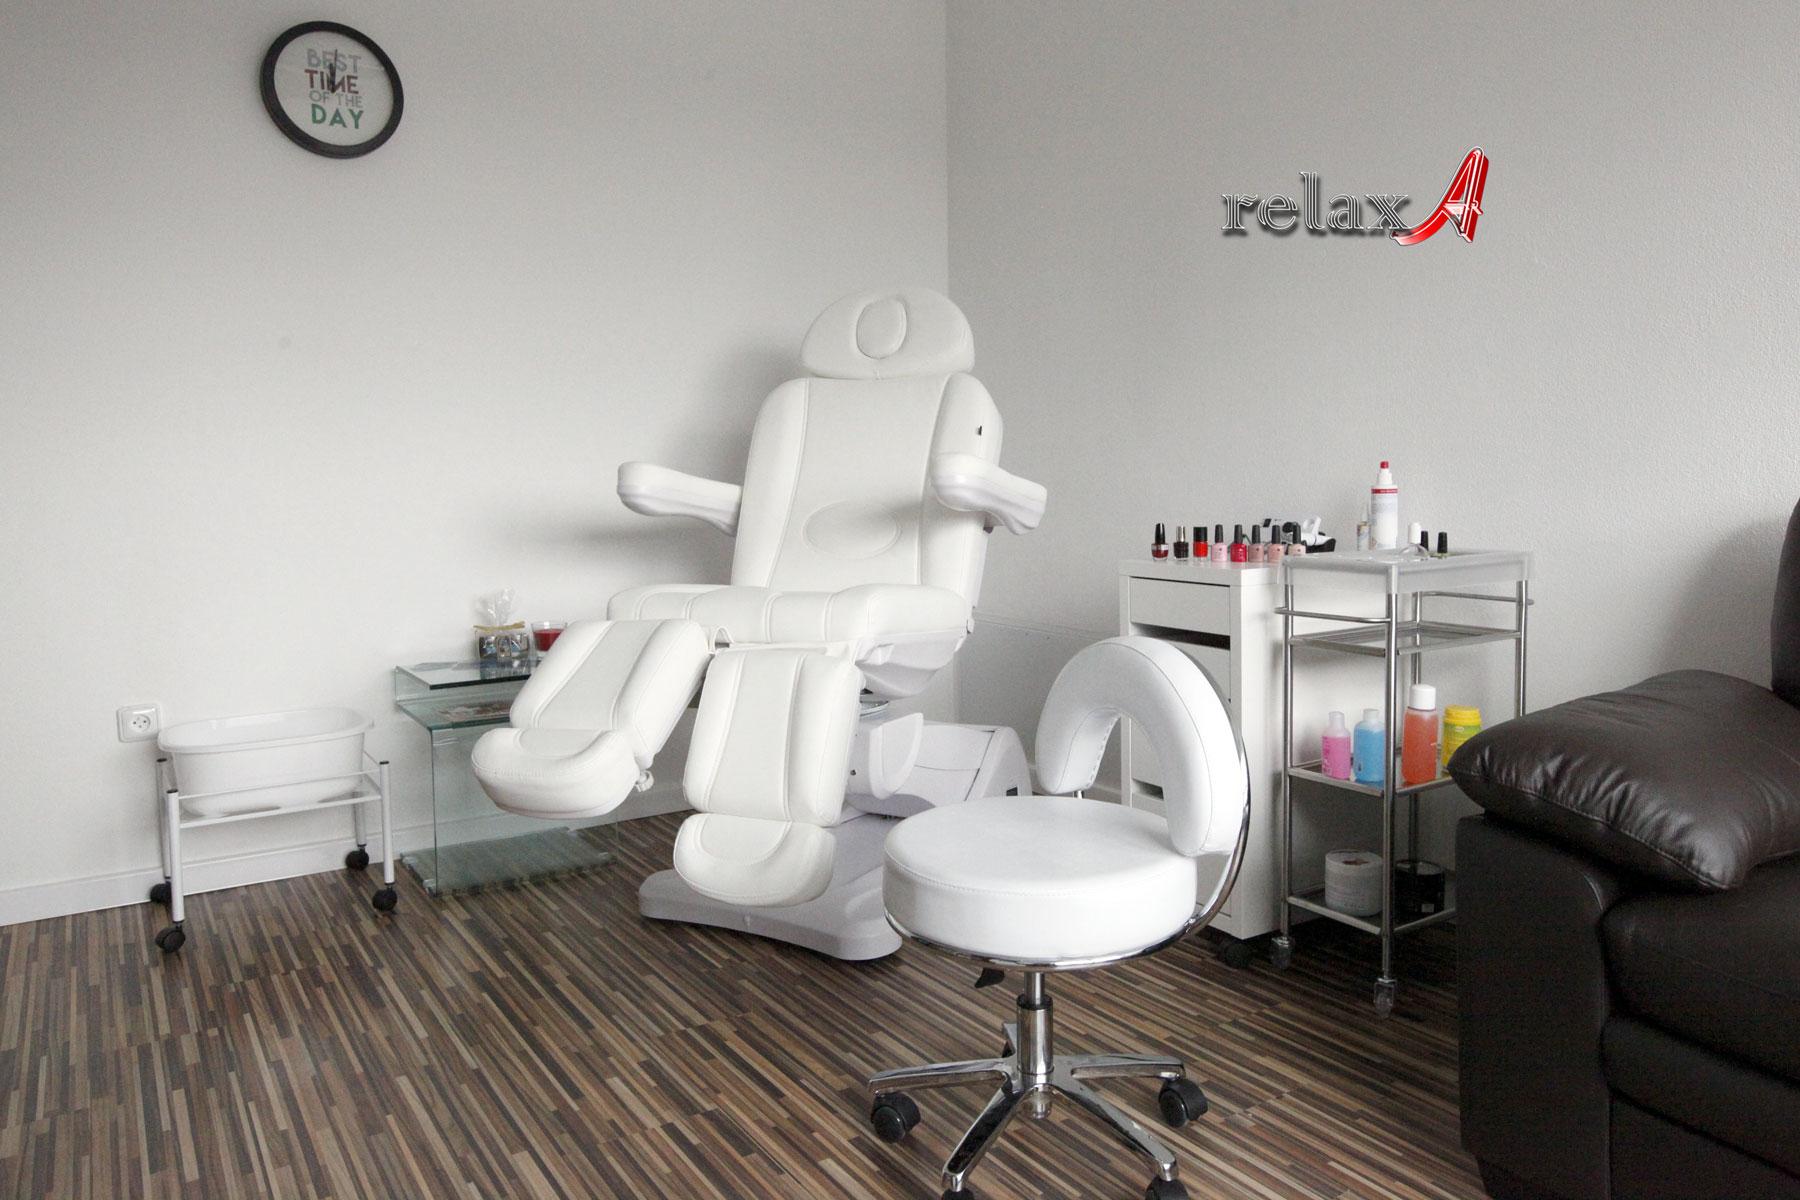 Pedikúra relaxA, Vajnorská 105, Bratislava - suchá pedikúra, mokrá pedikúra, wellnes pedikúra, masáž nôh, reflexno-relaxačná masáž, tejpovanie, japonská manikúra, lakovanie nechtov, poradensto, zdravie nôh